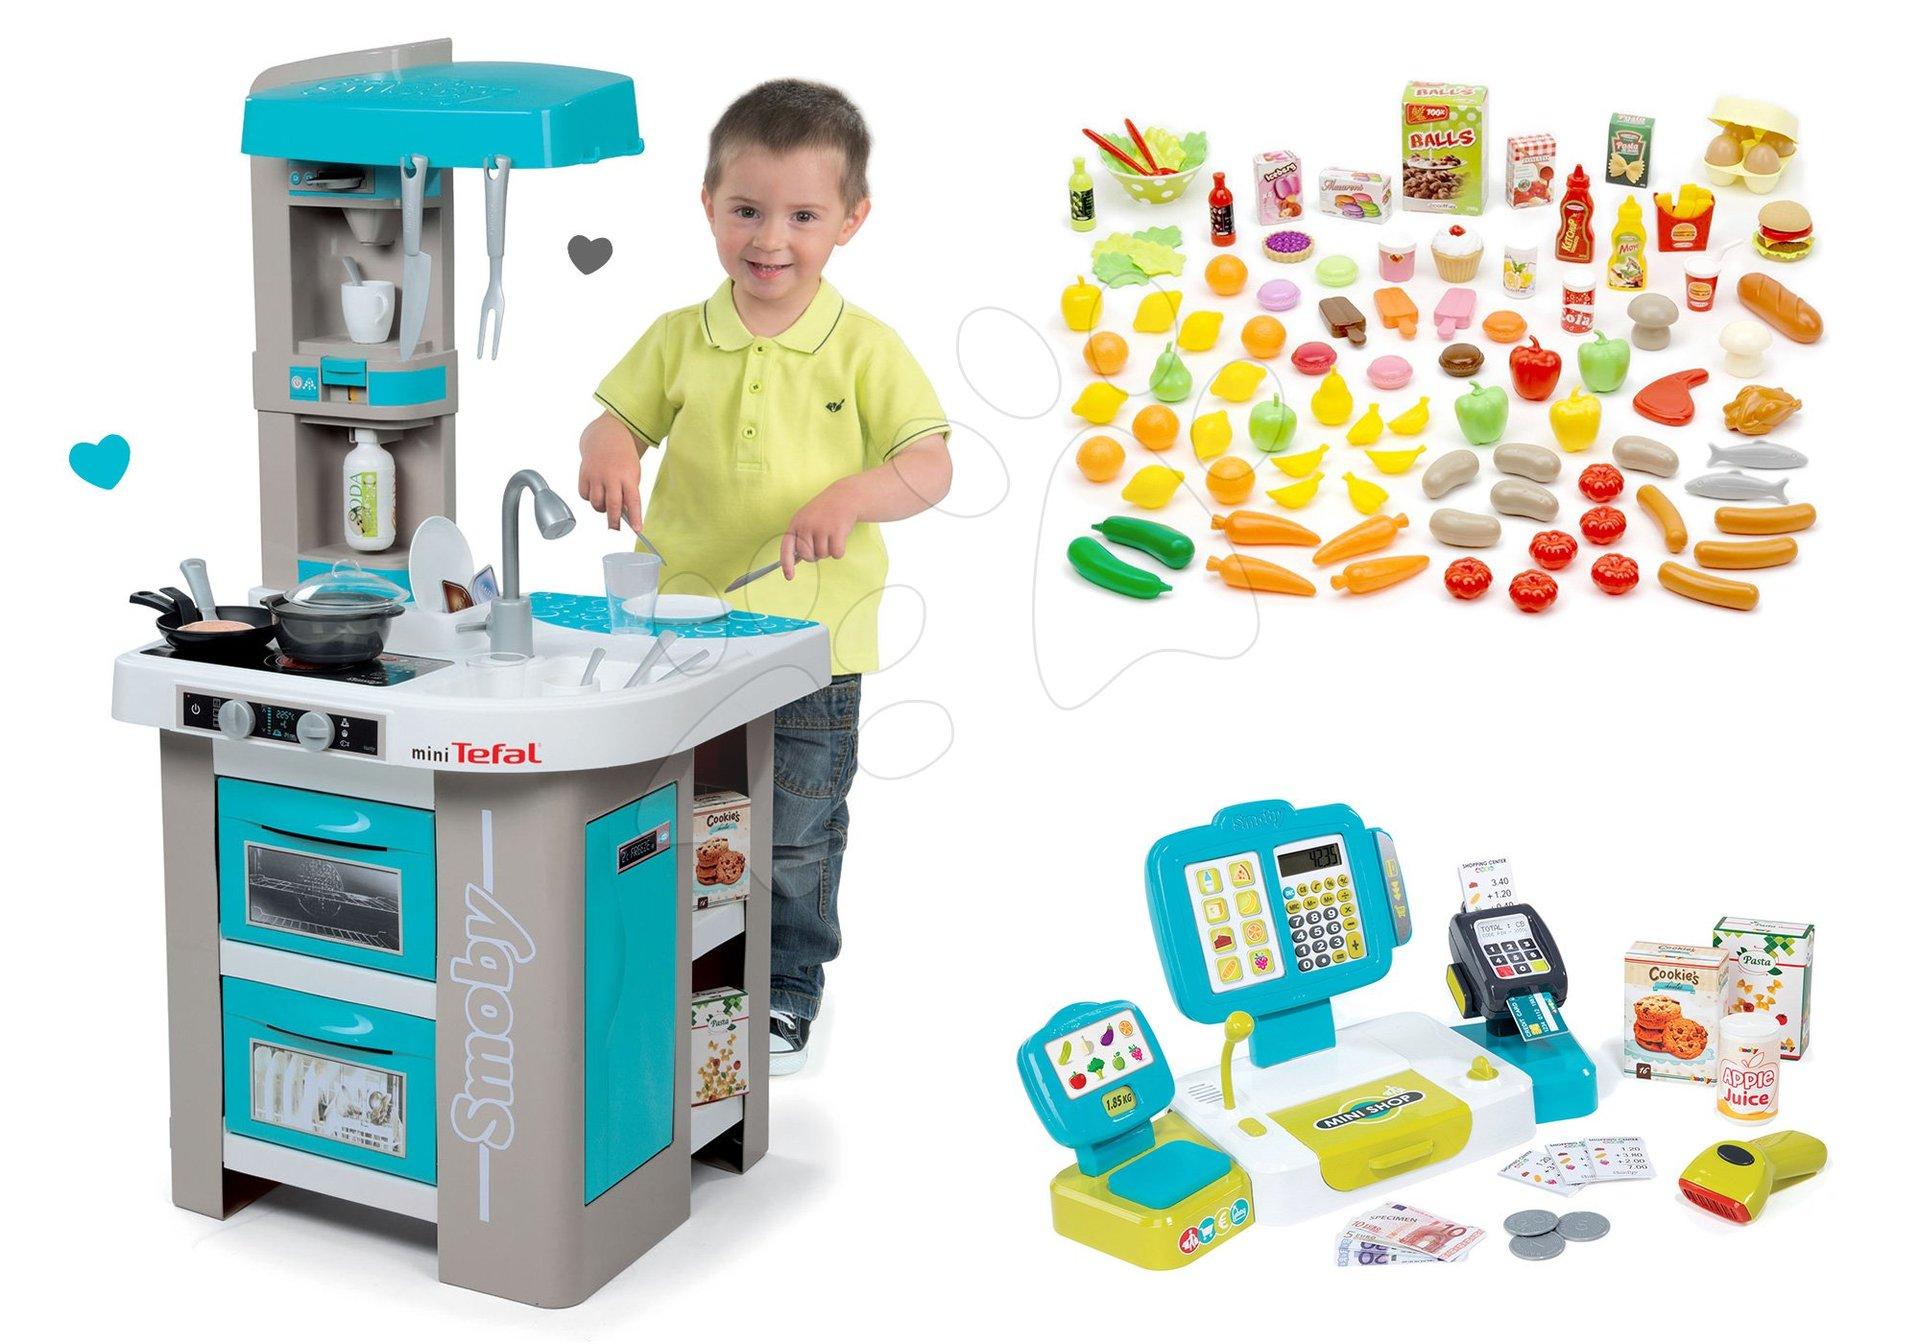 Smoby set elektronická kuchynka Tefal Studio Bubble tyrkysová s pokladňou a 100 ks potravín 311023-6